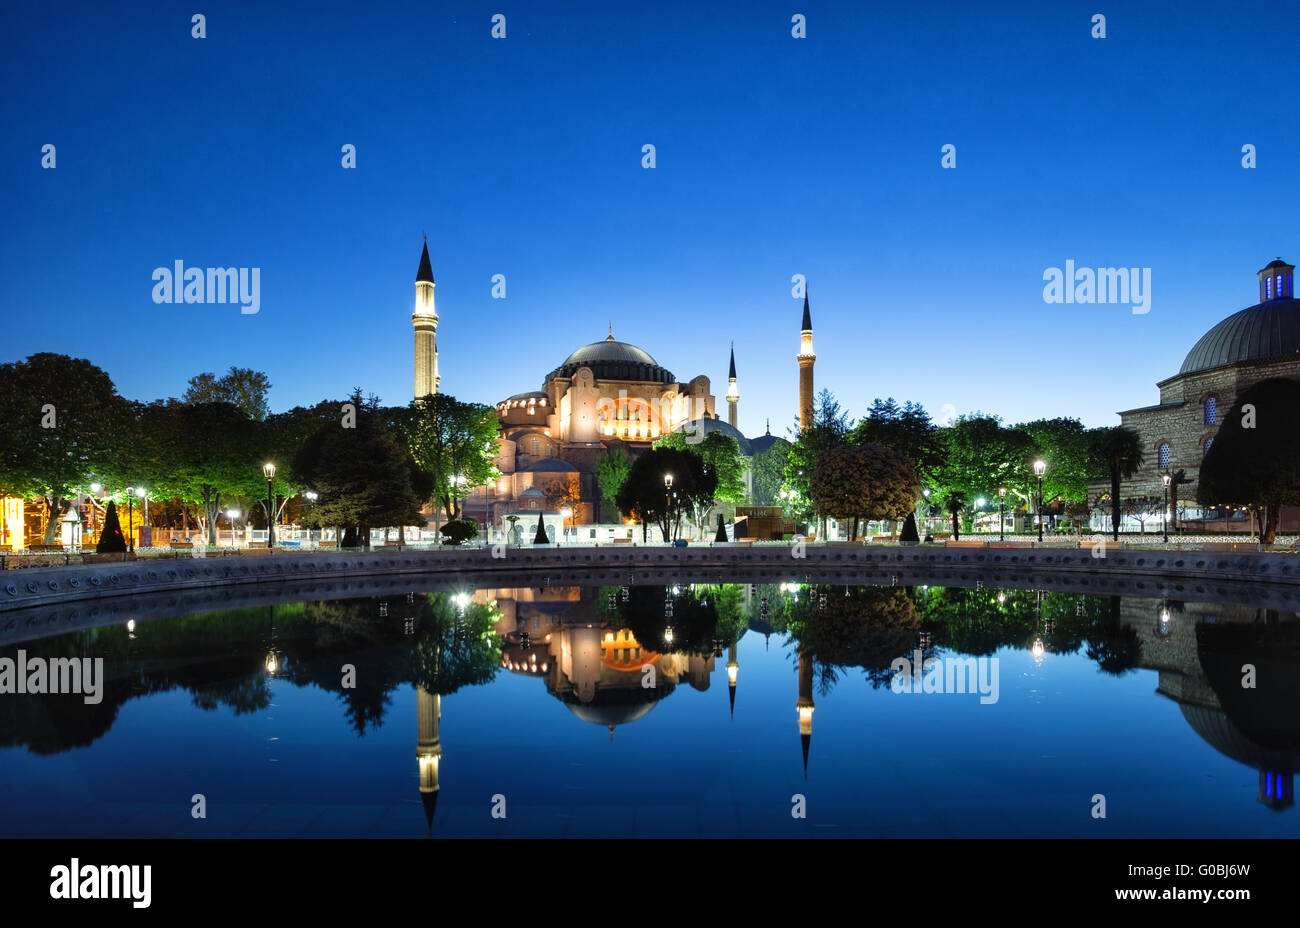 La mosquée Sainte-Sophie avec réflexion. Istanbul, Turquie. Photo Stock